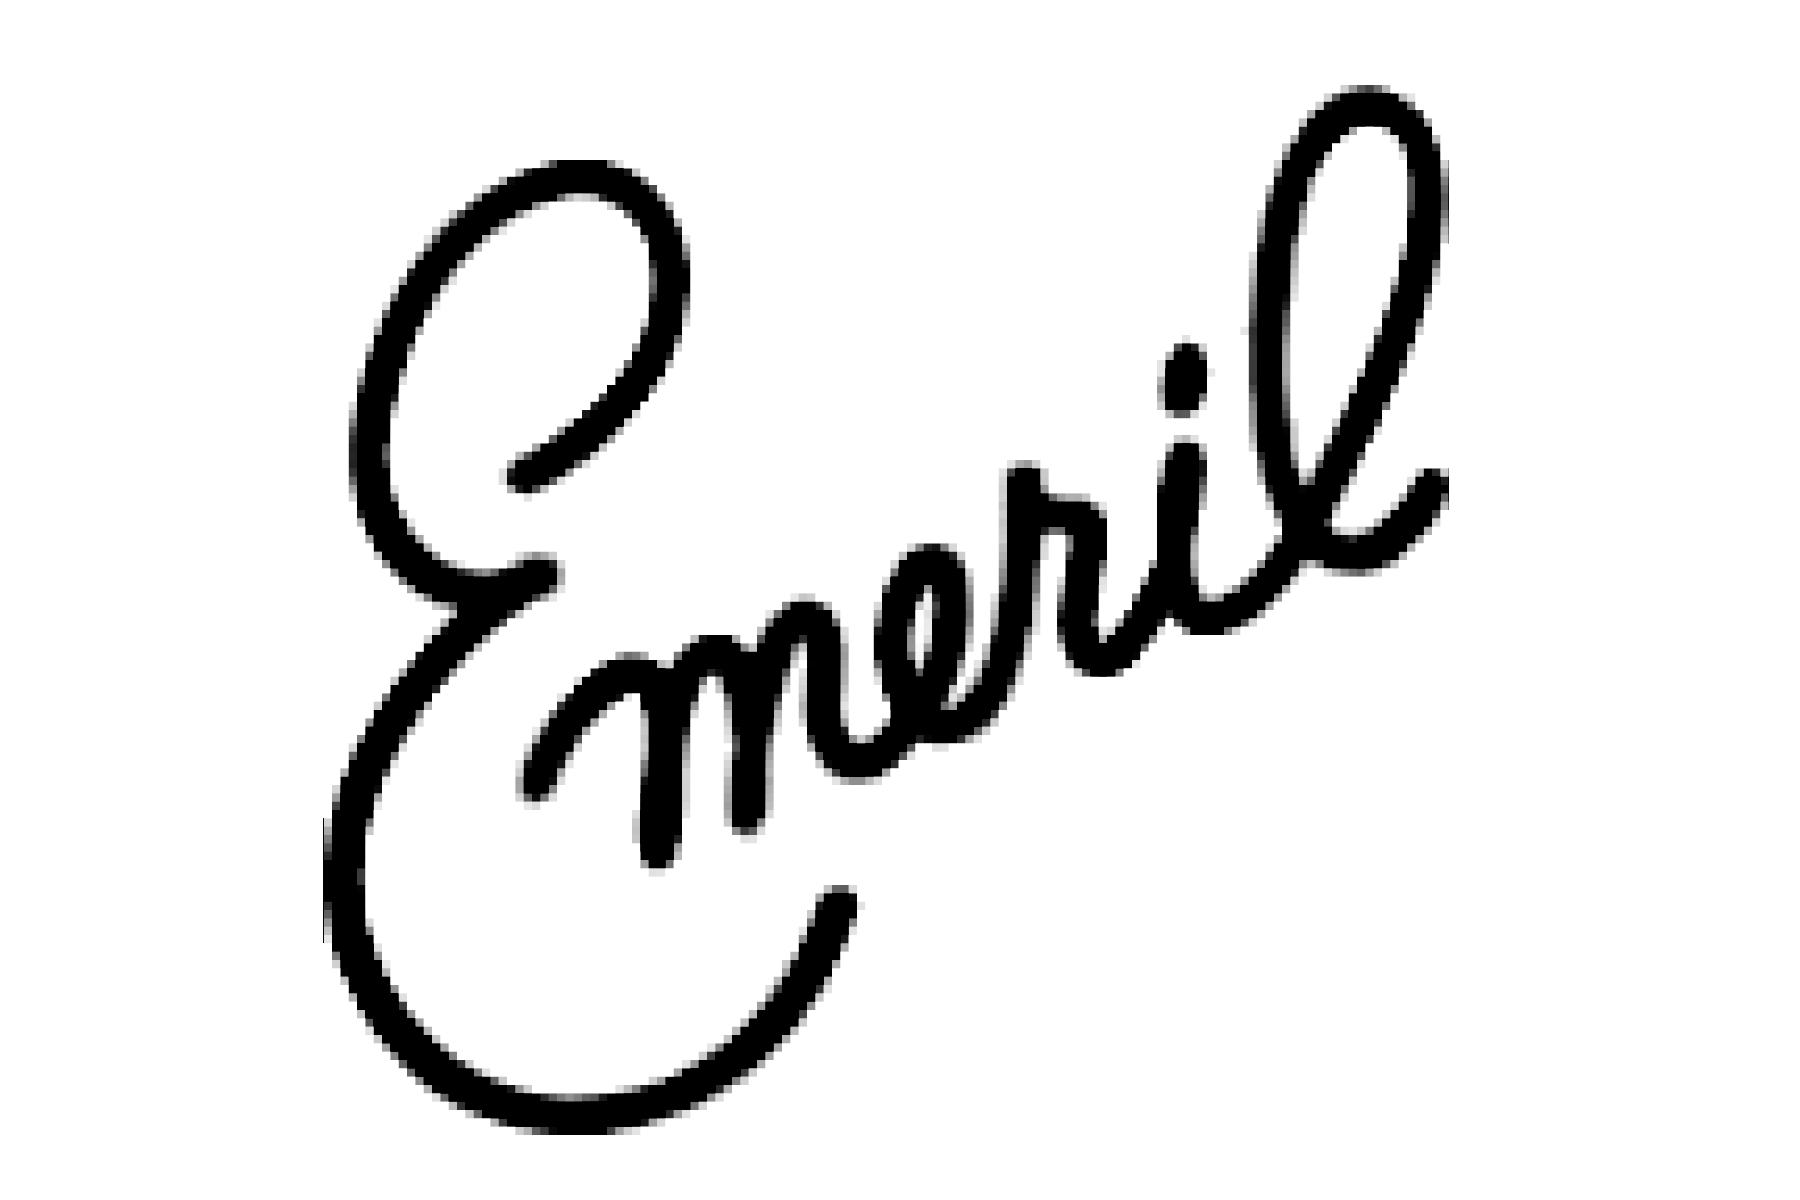 All_Logos_CR_Website_e_h.png